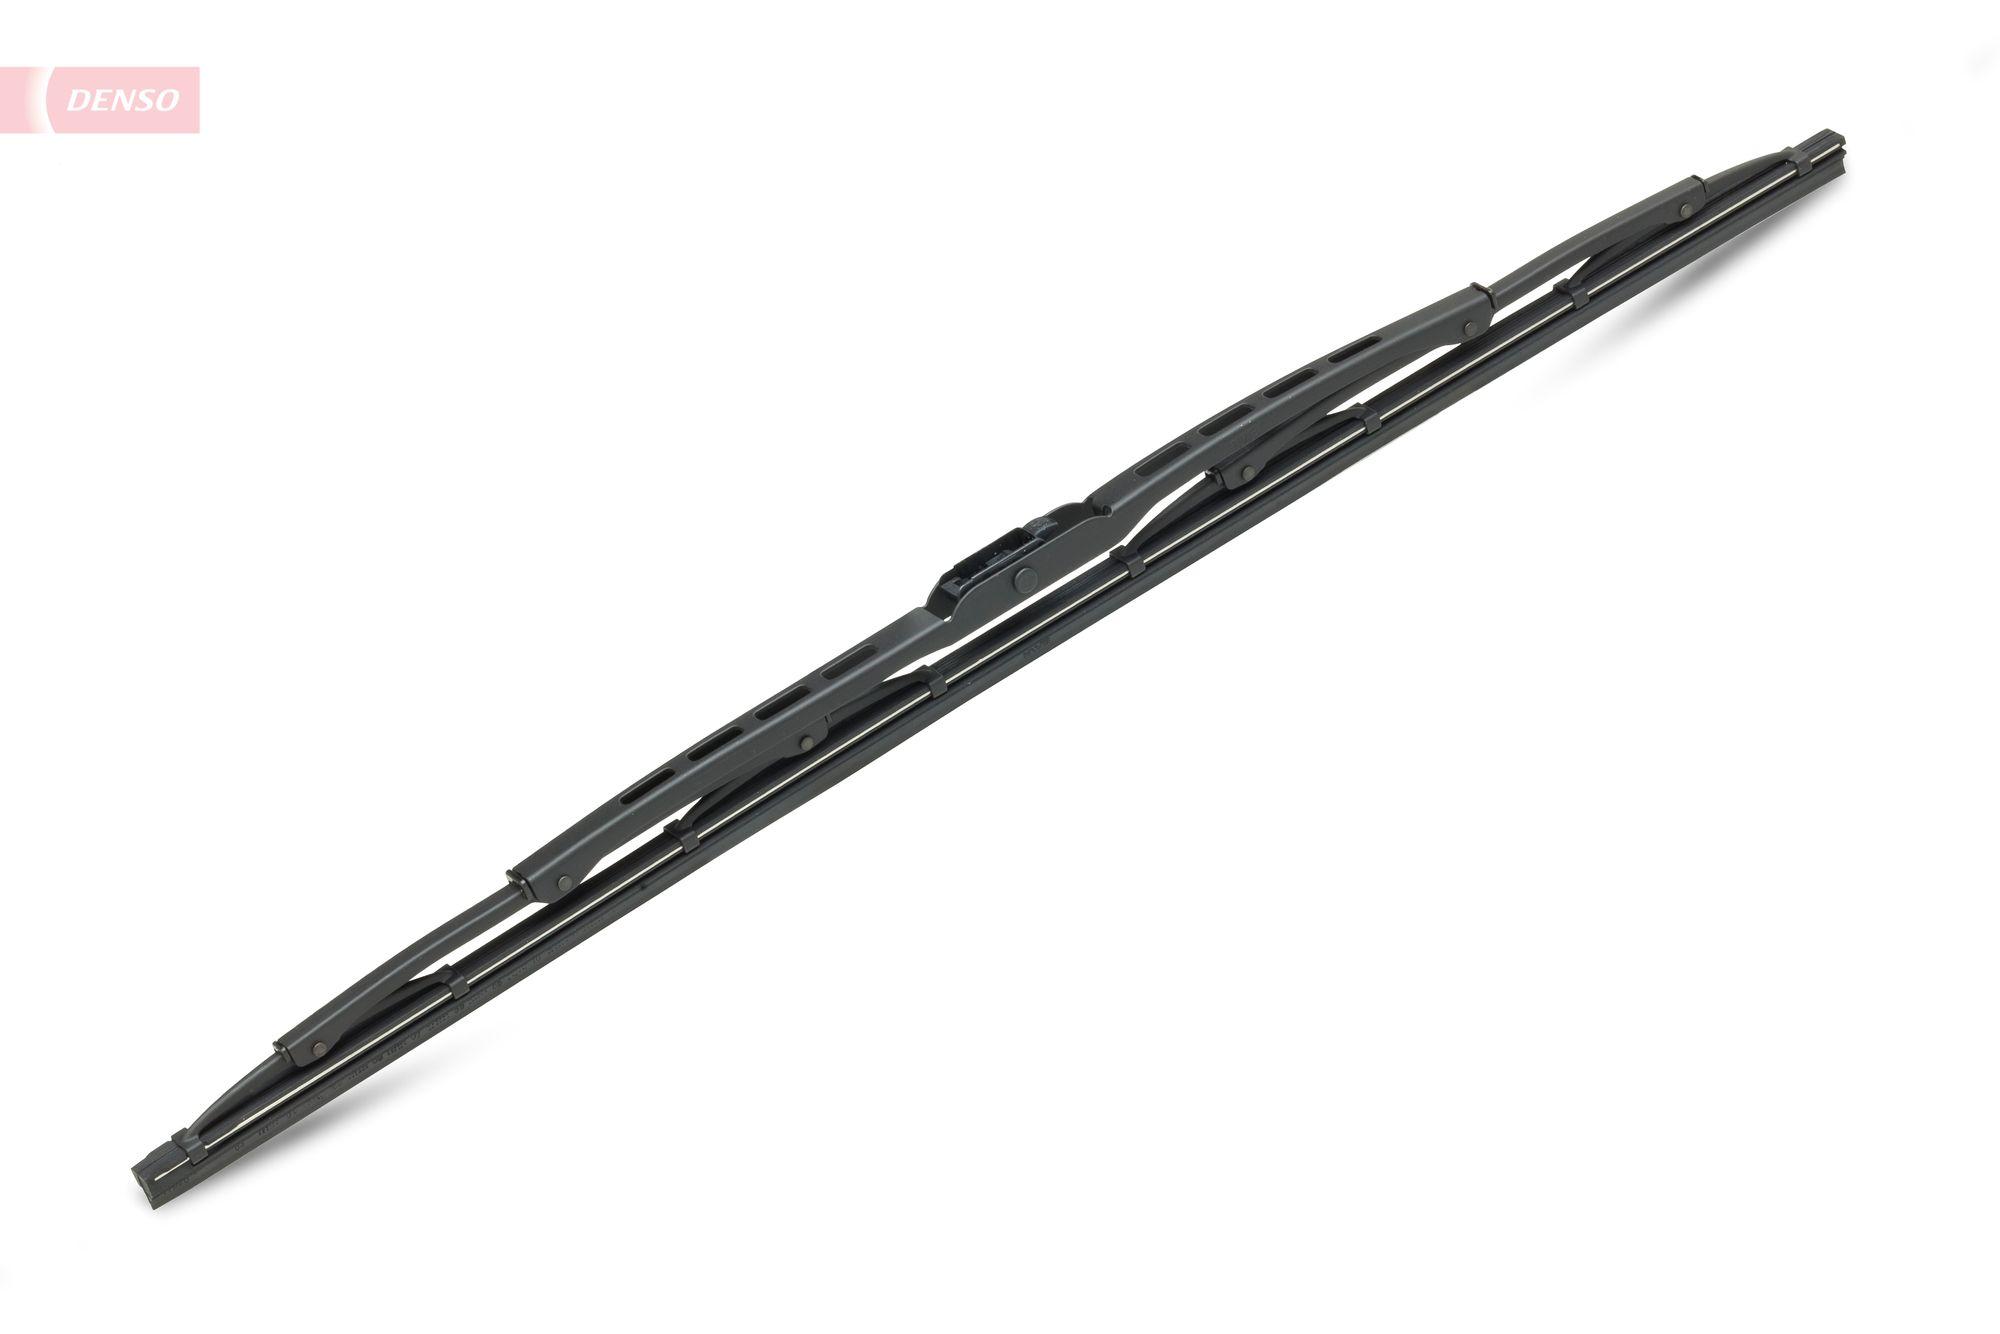 DENSO Standard DM-055 Wischblatt